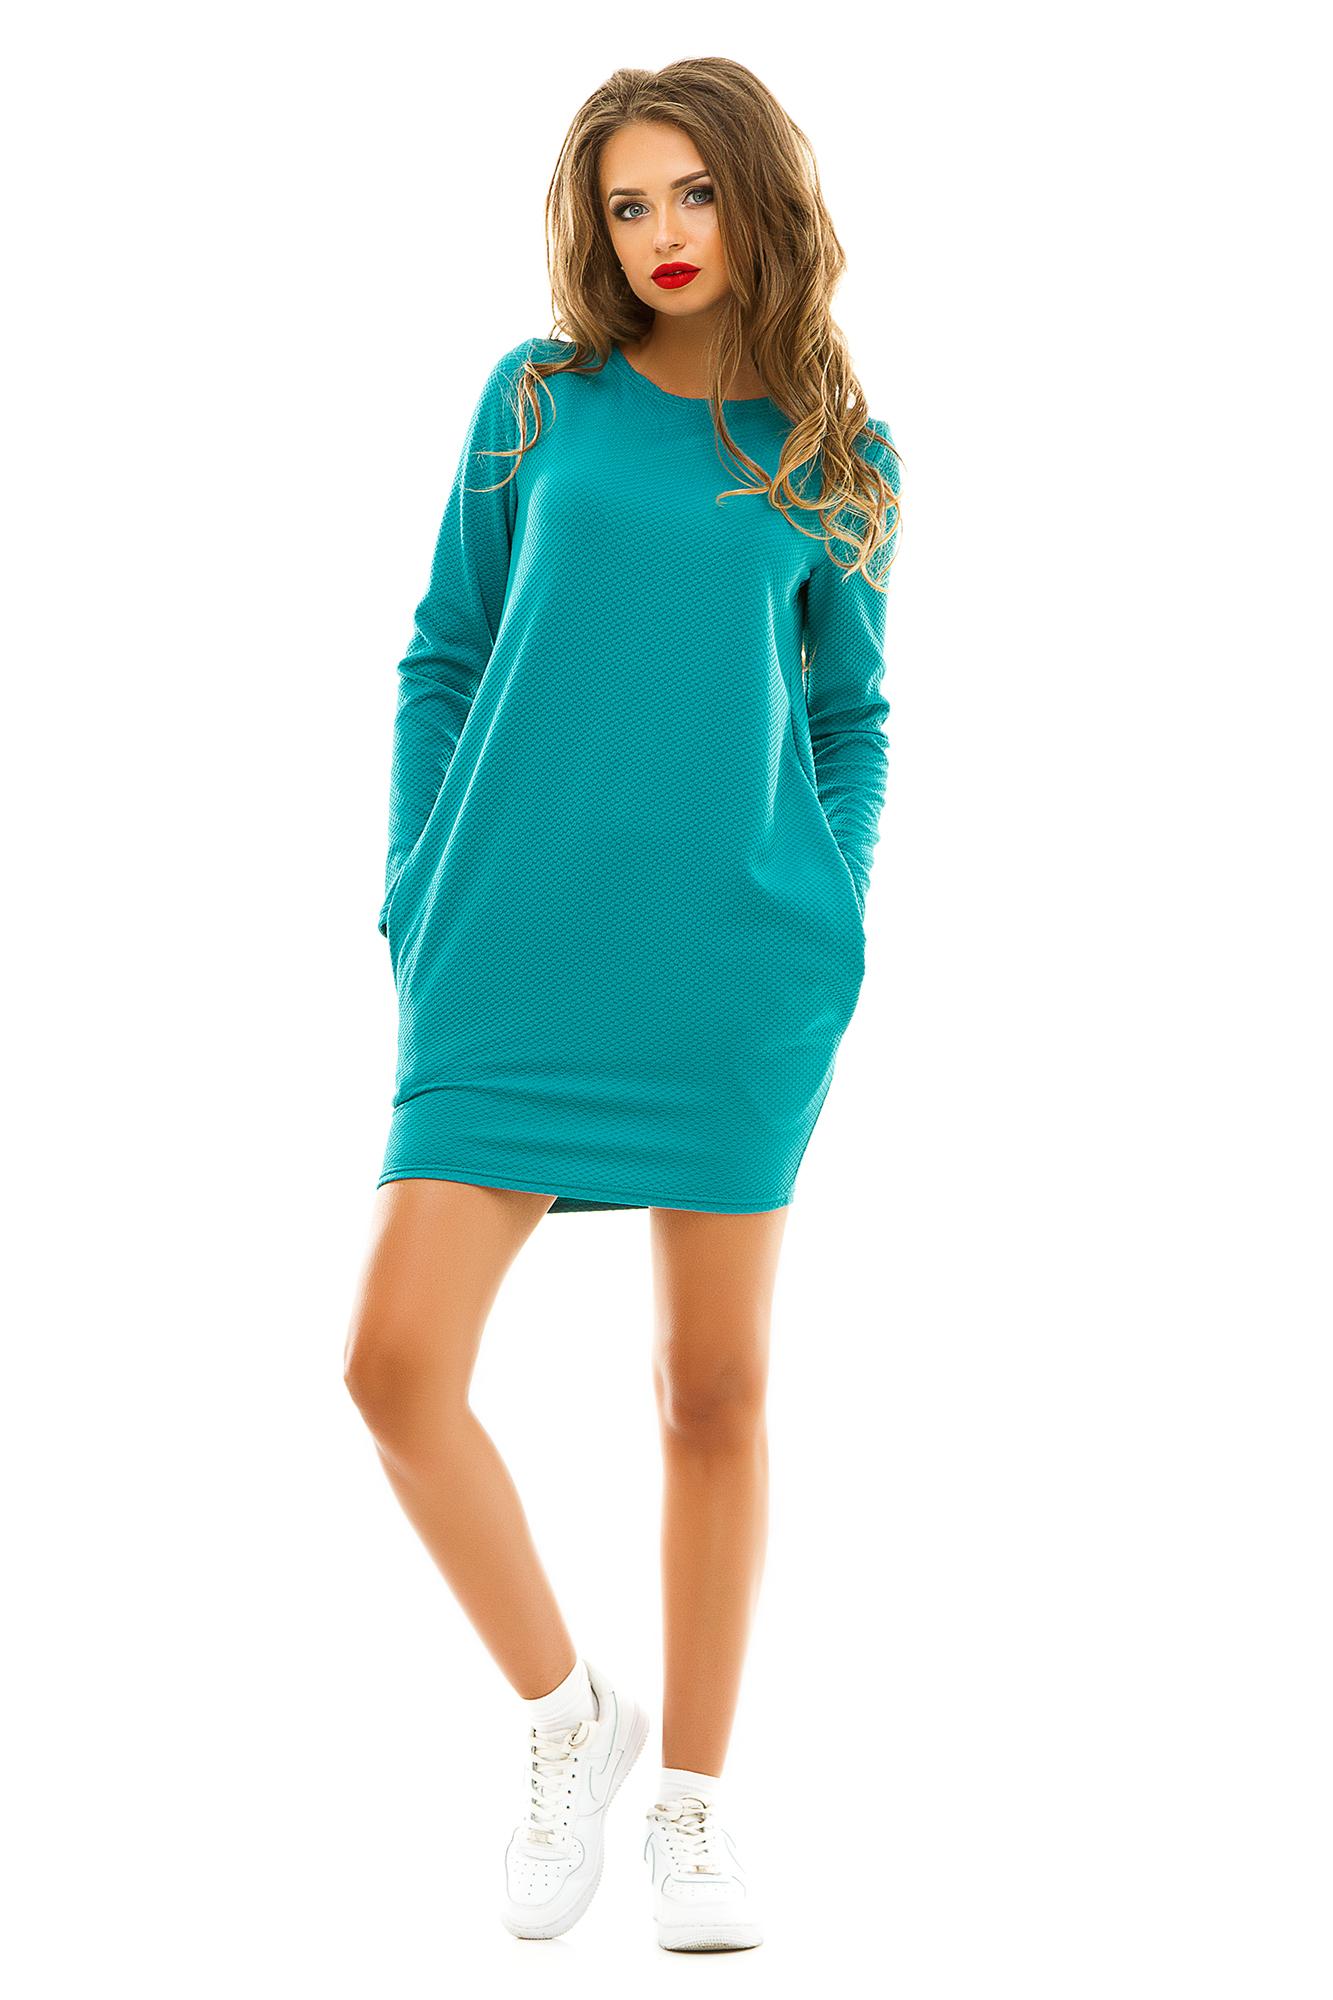 ПлатьеПлатья<br>Данная модель изготовлена из трикотажа. Модель обязательно понравится всем девушкам, которые предпочитают спортивный стиль одежды. Яркие цвета, которые были выбраны для пошива этого платья - туники, и боковые внутренние карманы делают ее броской и привлекающей внимание.  Цвет: бирюзовый.  Ростовка изделия 170 см.<br><br>По длине: Мини<br>По материалу: Трикотаж<br>По рисунку: Однотонные,Фактурный рисунок<br>По силуэту: Прямые,Свободные<br>По стилю: Кэжуал,Молодежный стиль,Повседневный стиль,Спортивный стиль<br>По форме: Платье - баллон<br>По элементам: С карманами<br>Рукав: Длинный рукав<br>По сезону: Осень,Весна<br>Горловина: С- горловина<br>Размер : 42-44<br>Материал: Трикотаж<br>Количество в наличии: 1